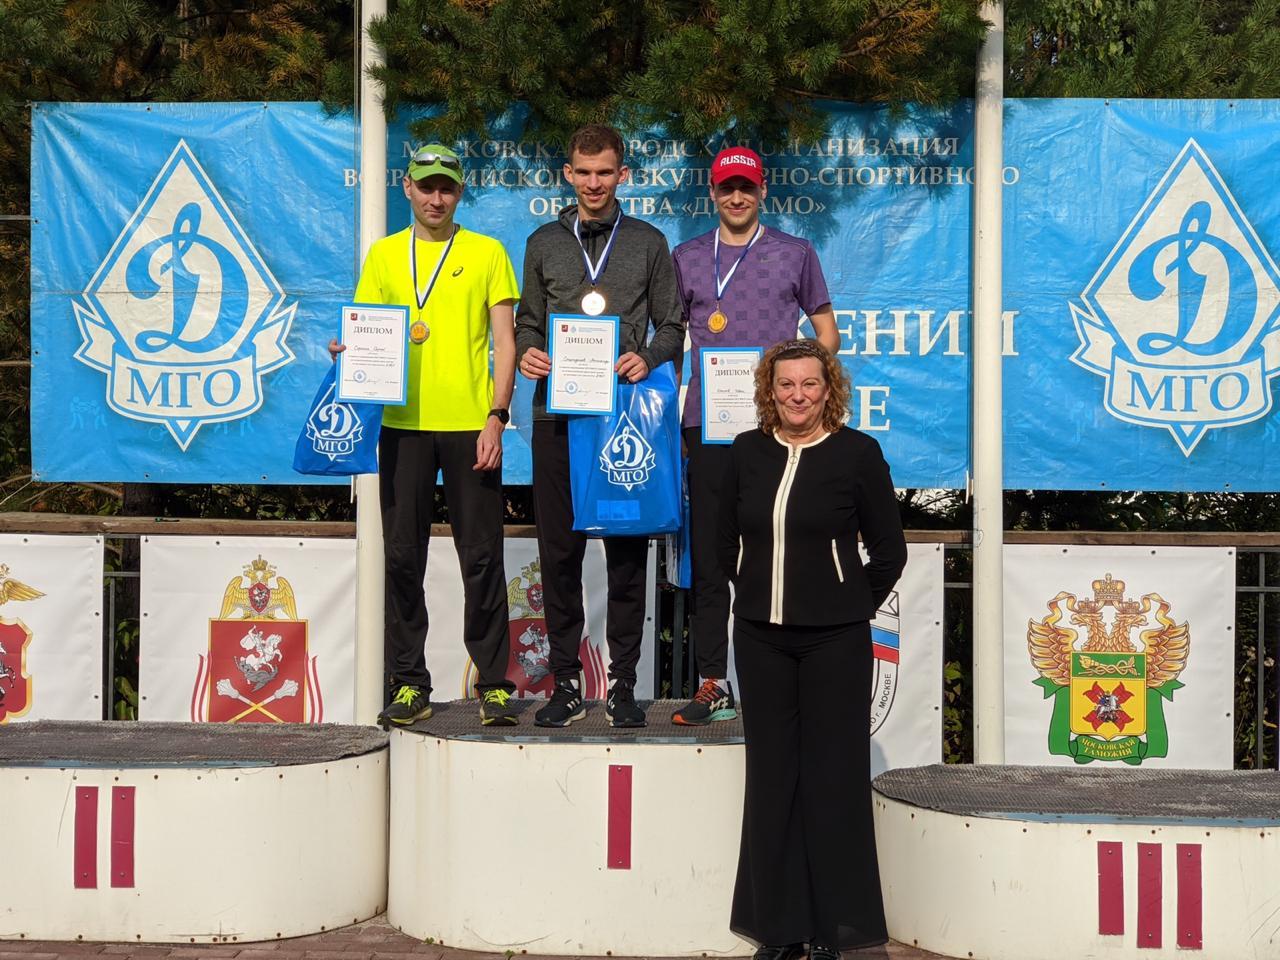 Полицейские Южного округа Москвы заняли призовые места в соревнованиях по легкоатлетическому кроссу